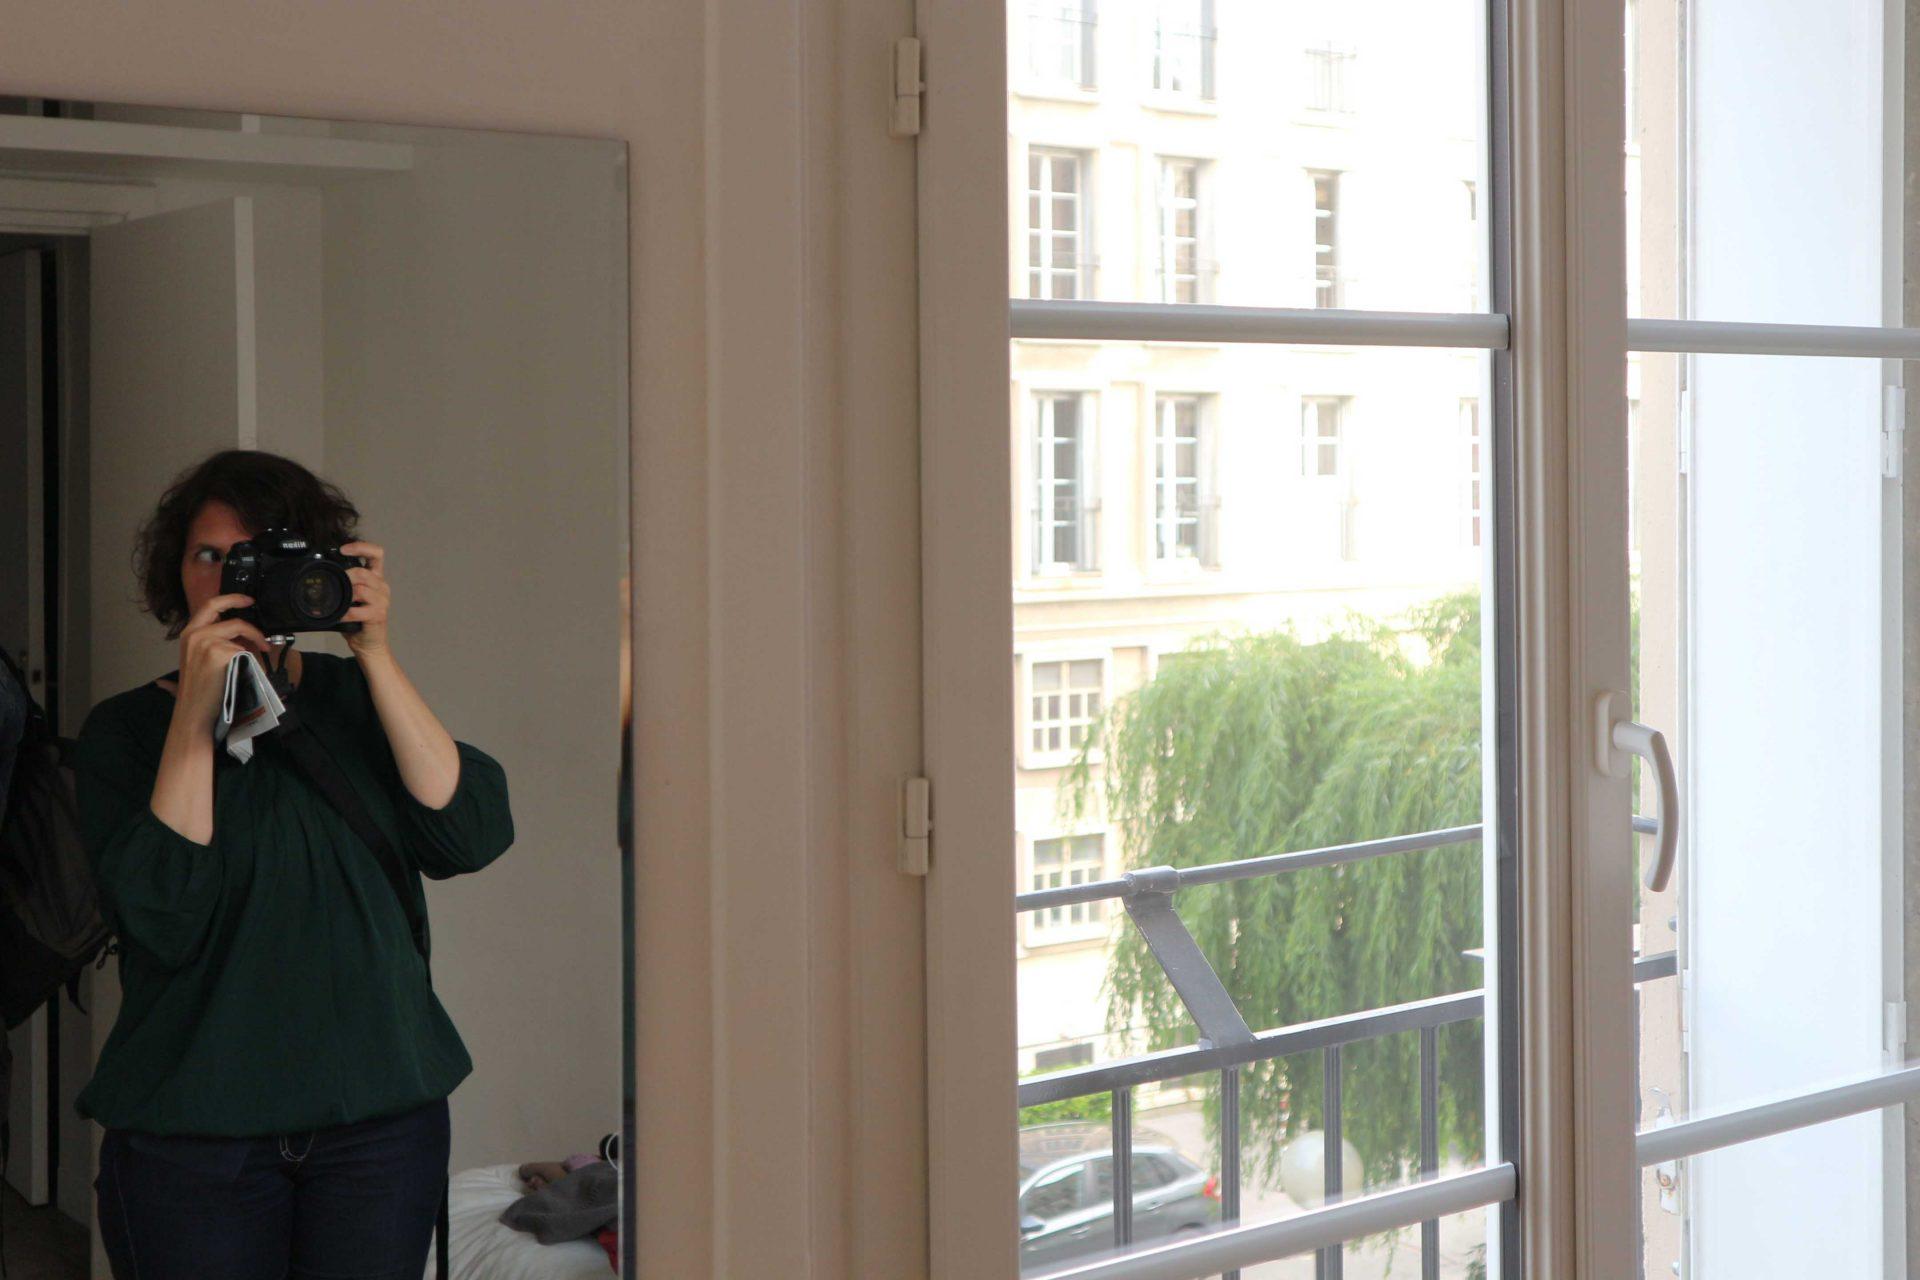 Die Wohnungen. Fotokünstlerin und regelmäßige THE LINK-Mitwirkende Bettina Cohnen